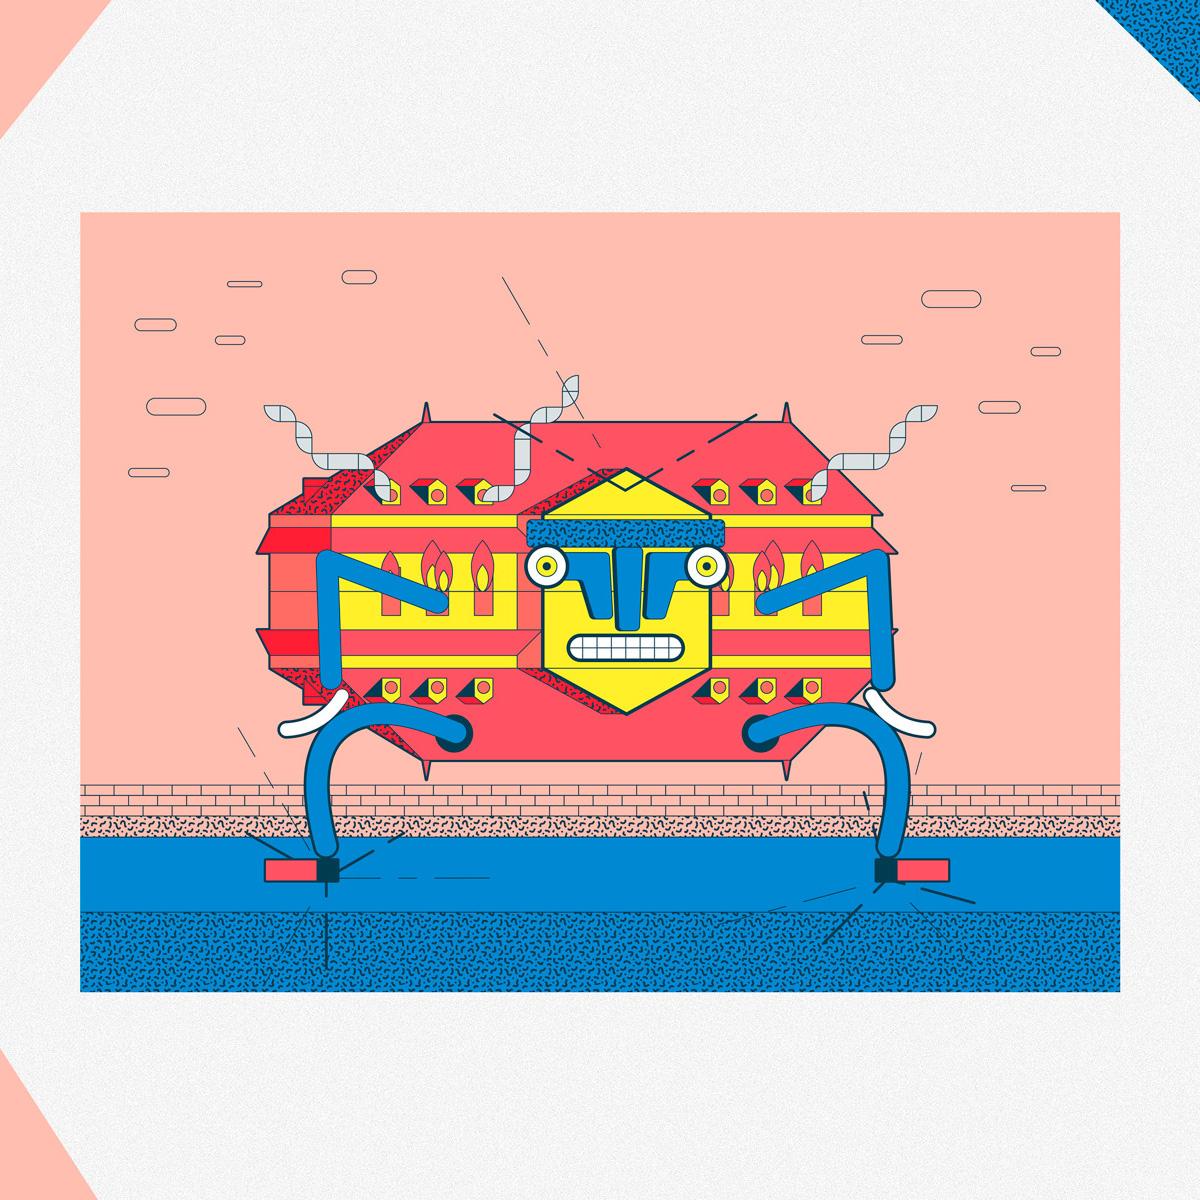 Maison-Tangible-Manufacture-images-objets-Besancon-Paris-Produits_Saline_Arcetsenans_Remi_Vincent_MaisonDirecteur_30x40_05_Carre.jpg